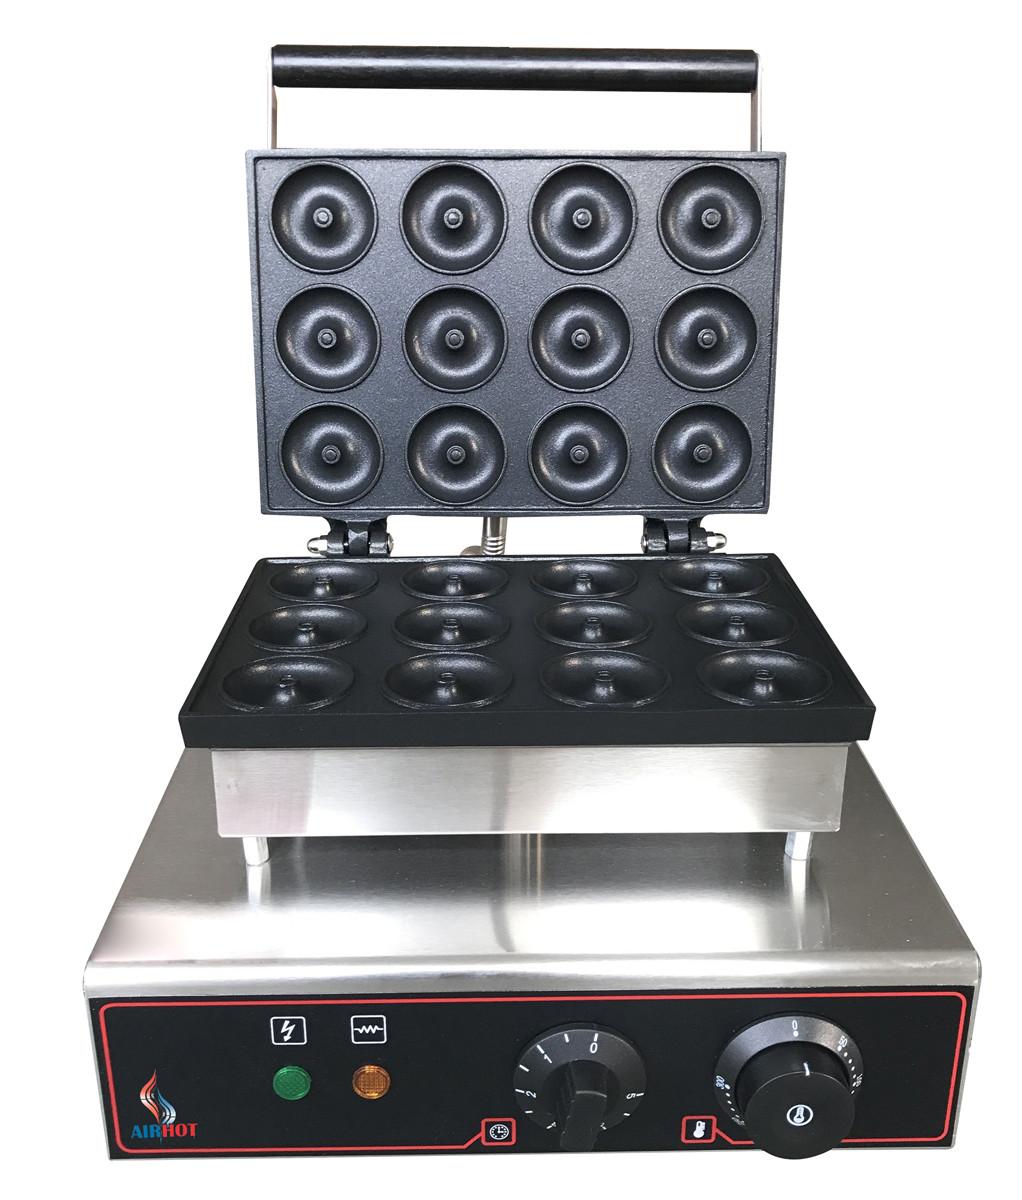 Аппарат пончиковый для донатсов  AIRHOT DM-12